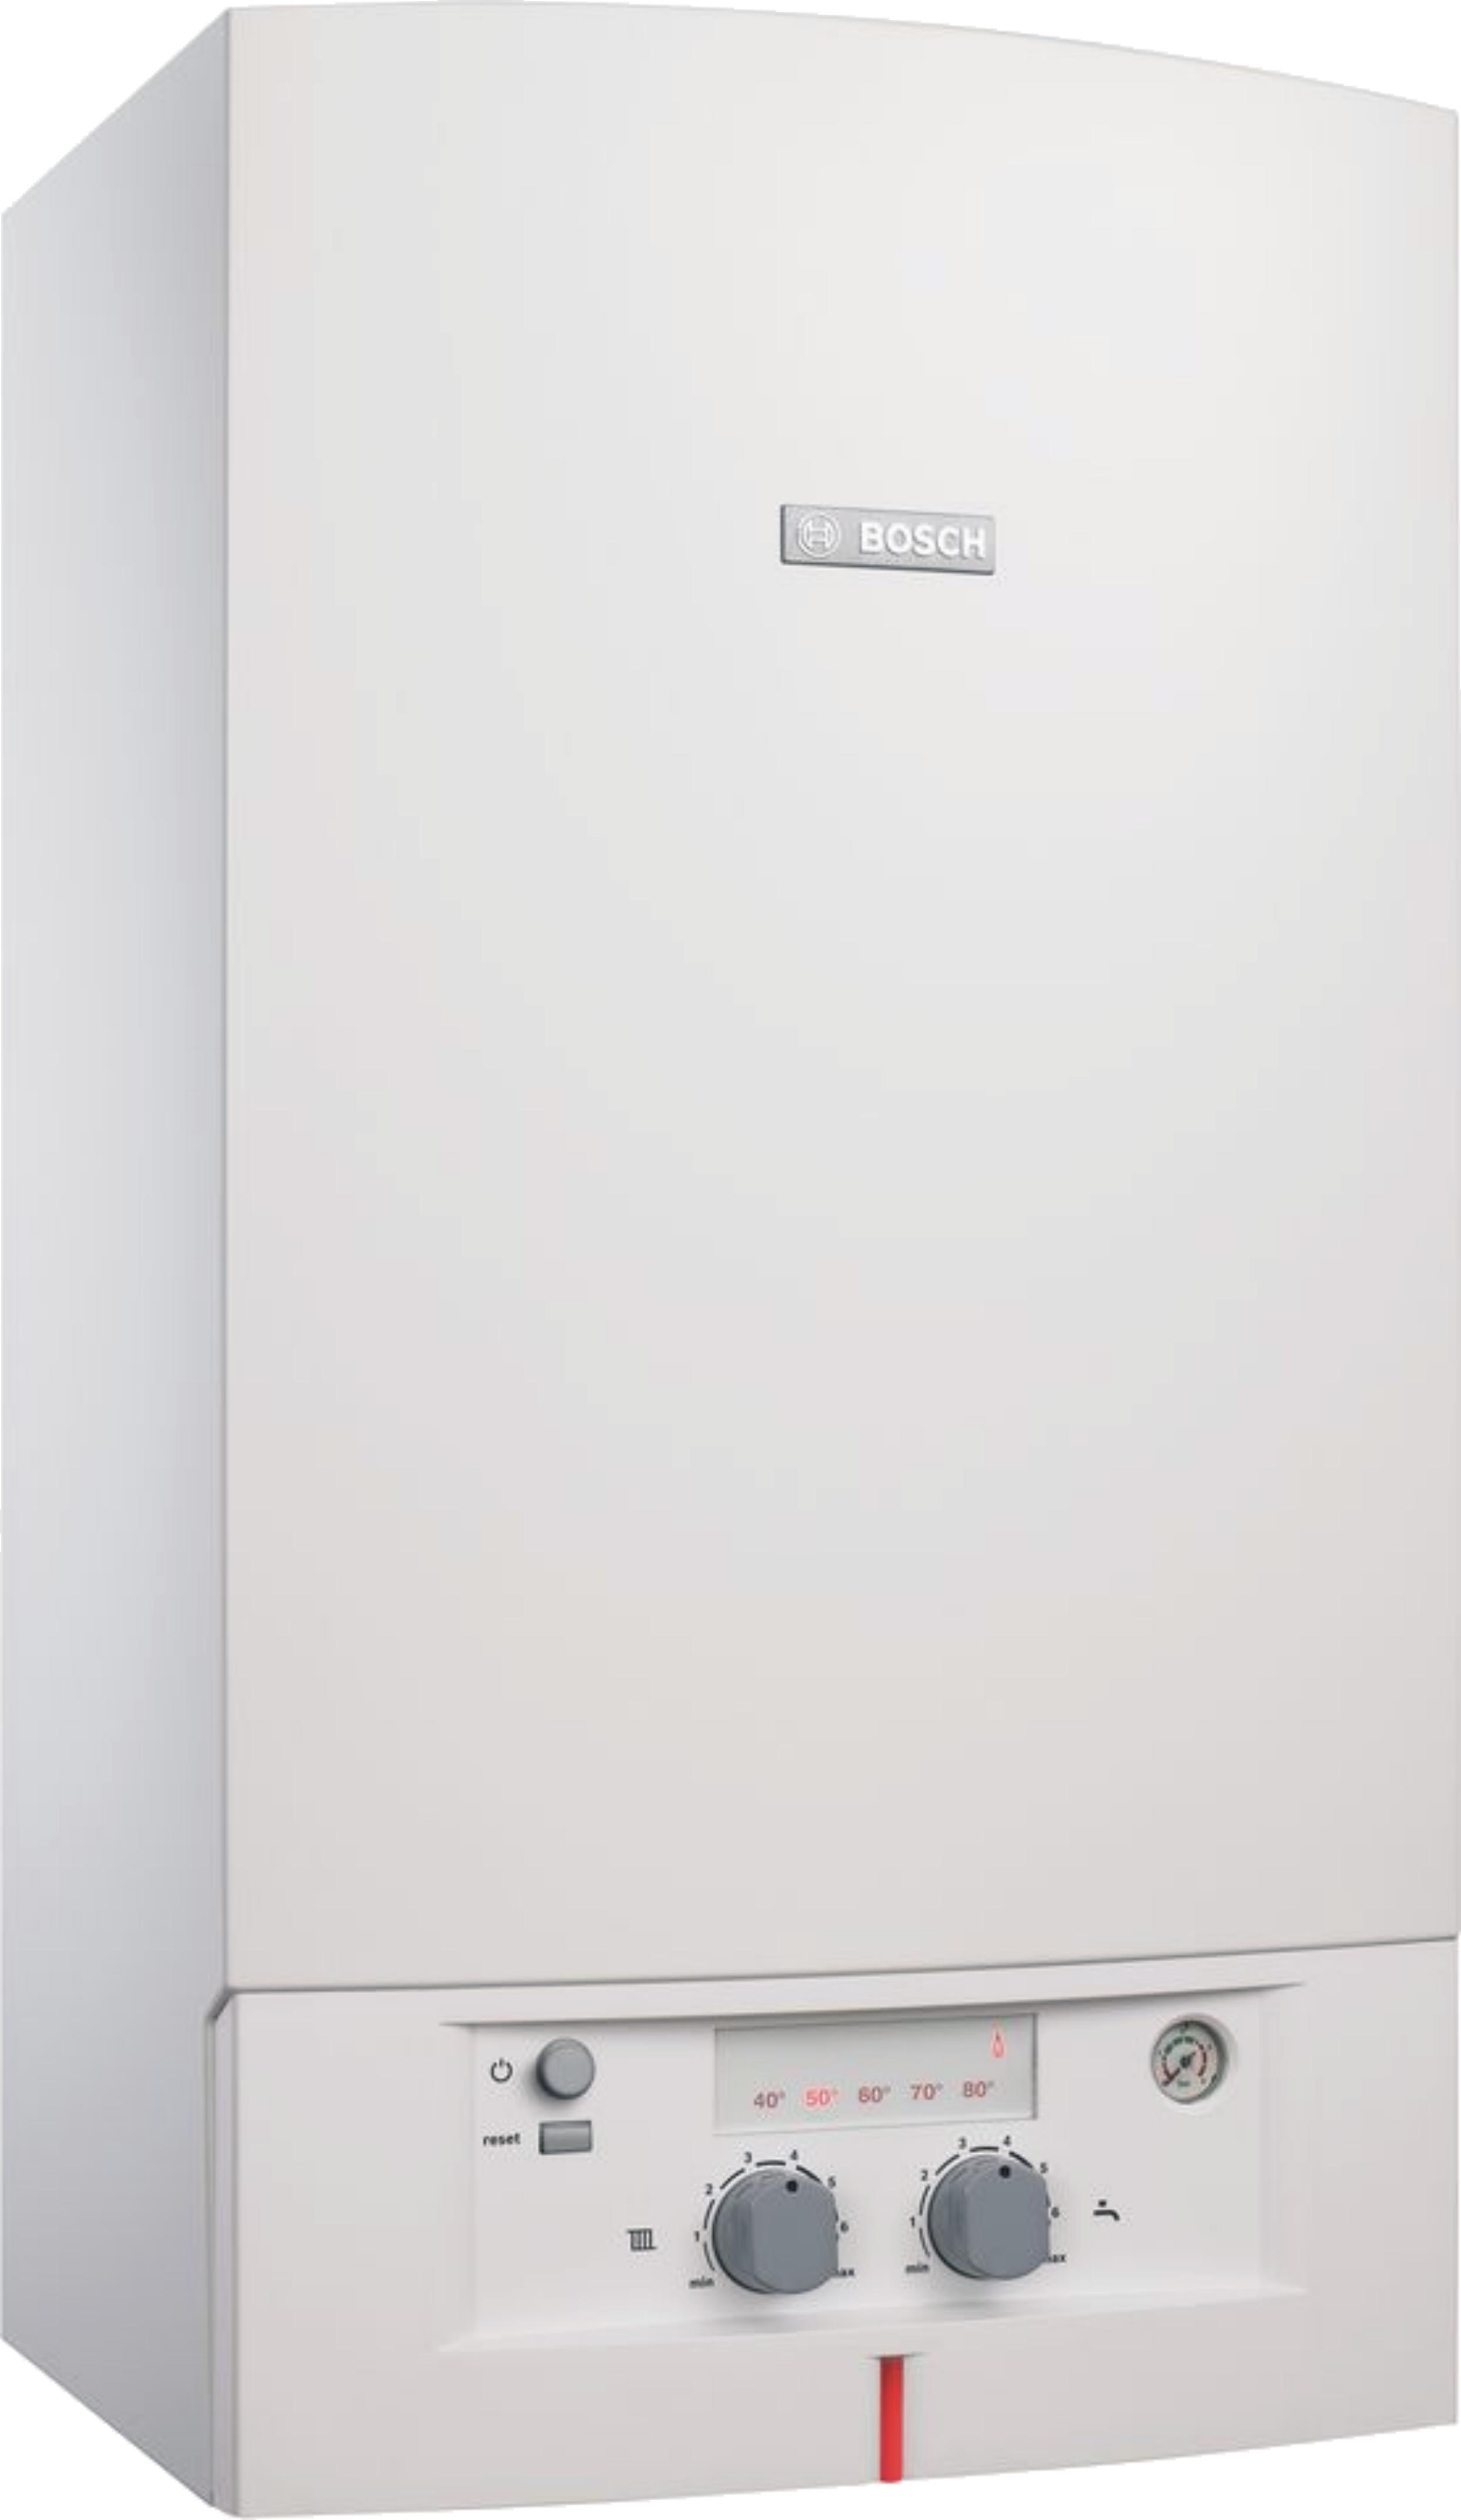 Газовый котел bosch gaz 4000 w zwa 24-2 k 22 квт двухконтурный: отзывы, описание модели, характеристики, цена, обзор, сравнение, фото